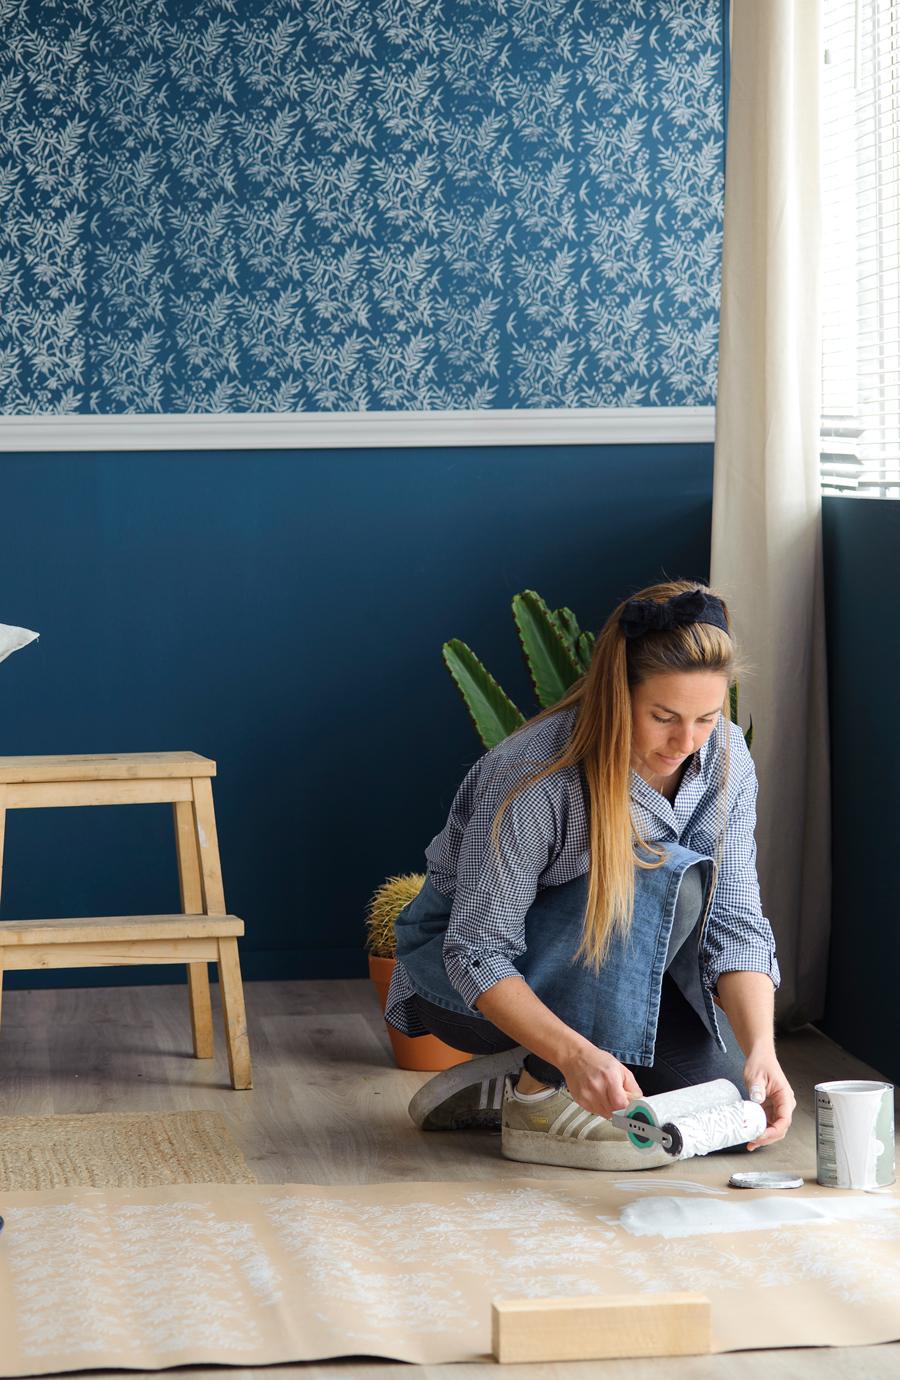 Precio pintar piso 80 m2 top excellent cheap precio - Cuanto cuesta pintar un piso de 50 metros ...